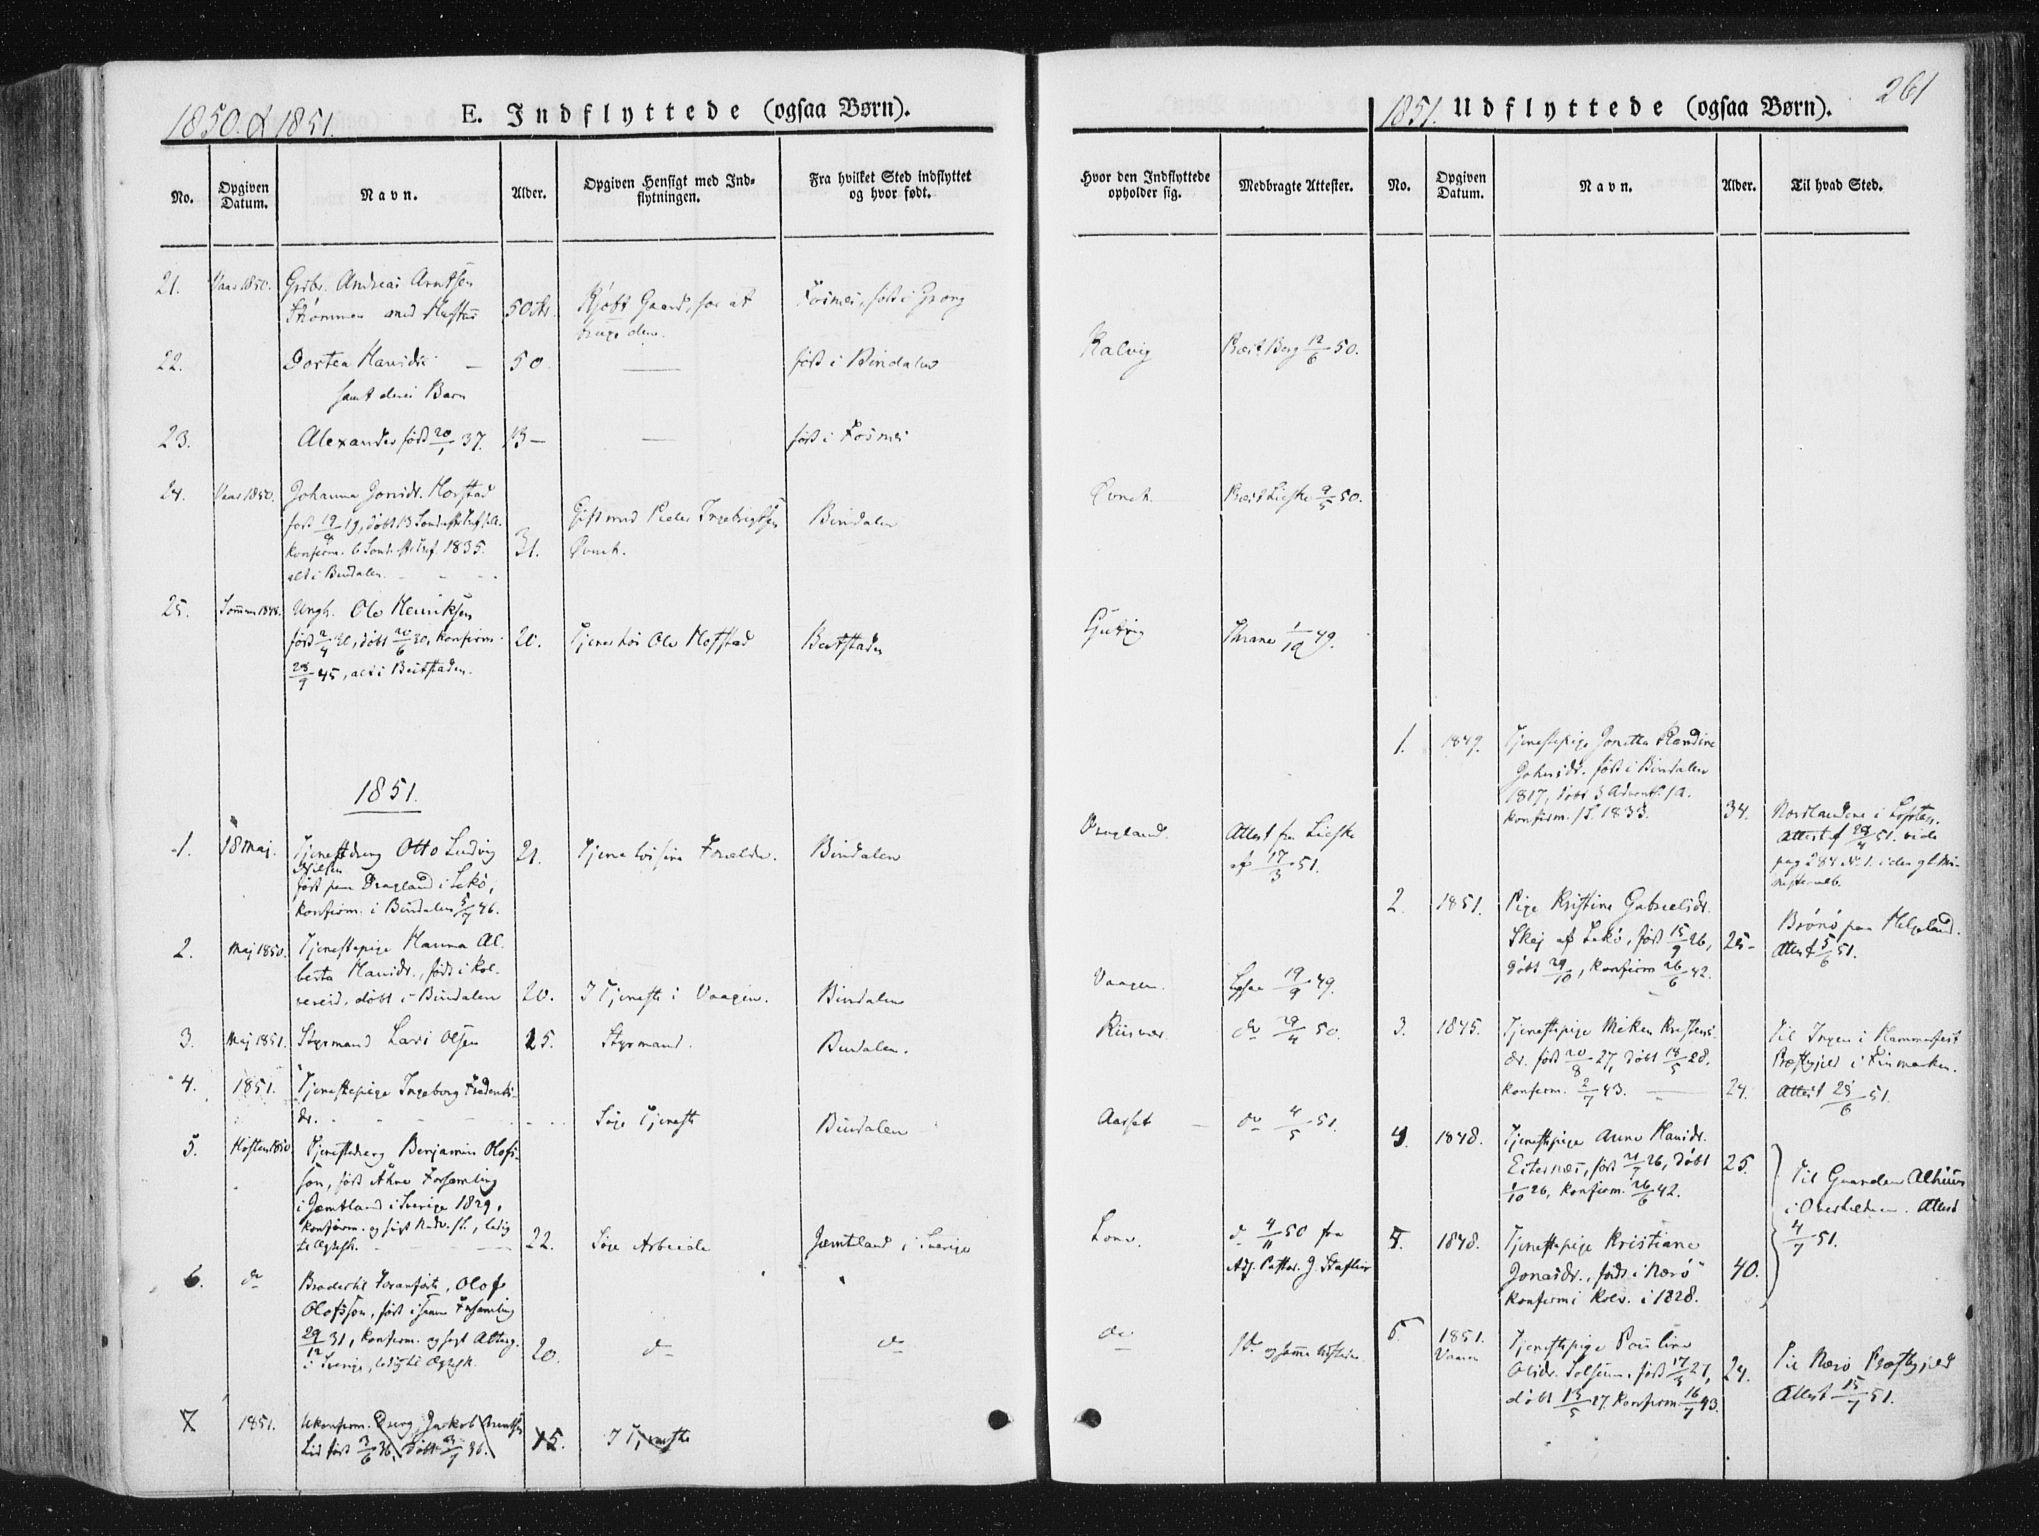 SAT, Ministerialprotokoller, klokkerbøker og fødselsregistre - Nord-Trøndelag, 780/L0640: Ministerialbok nr. 780A05, 1845-1856, s. 261